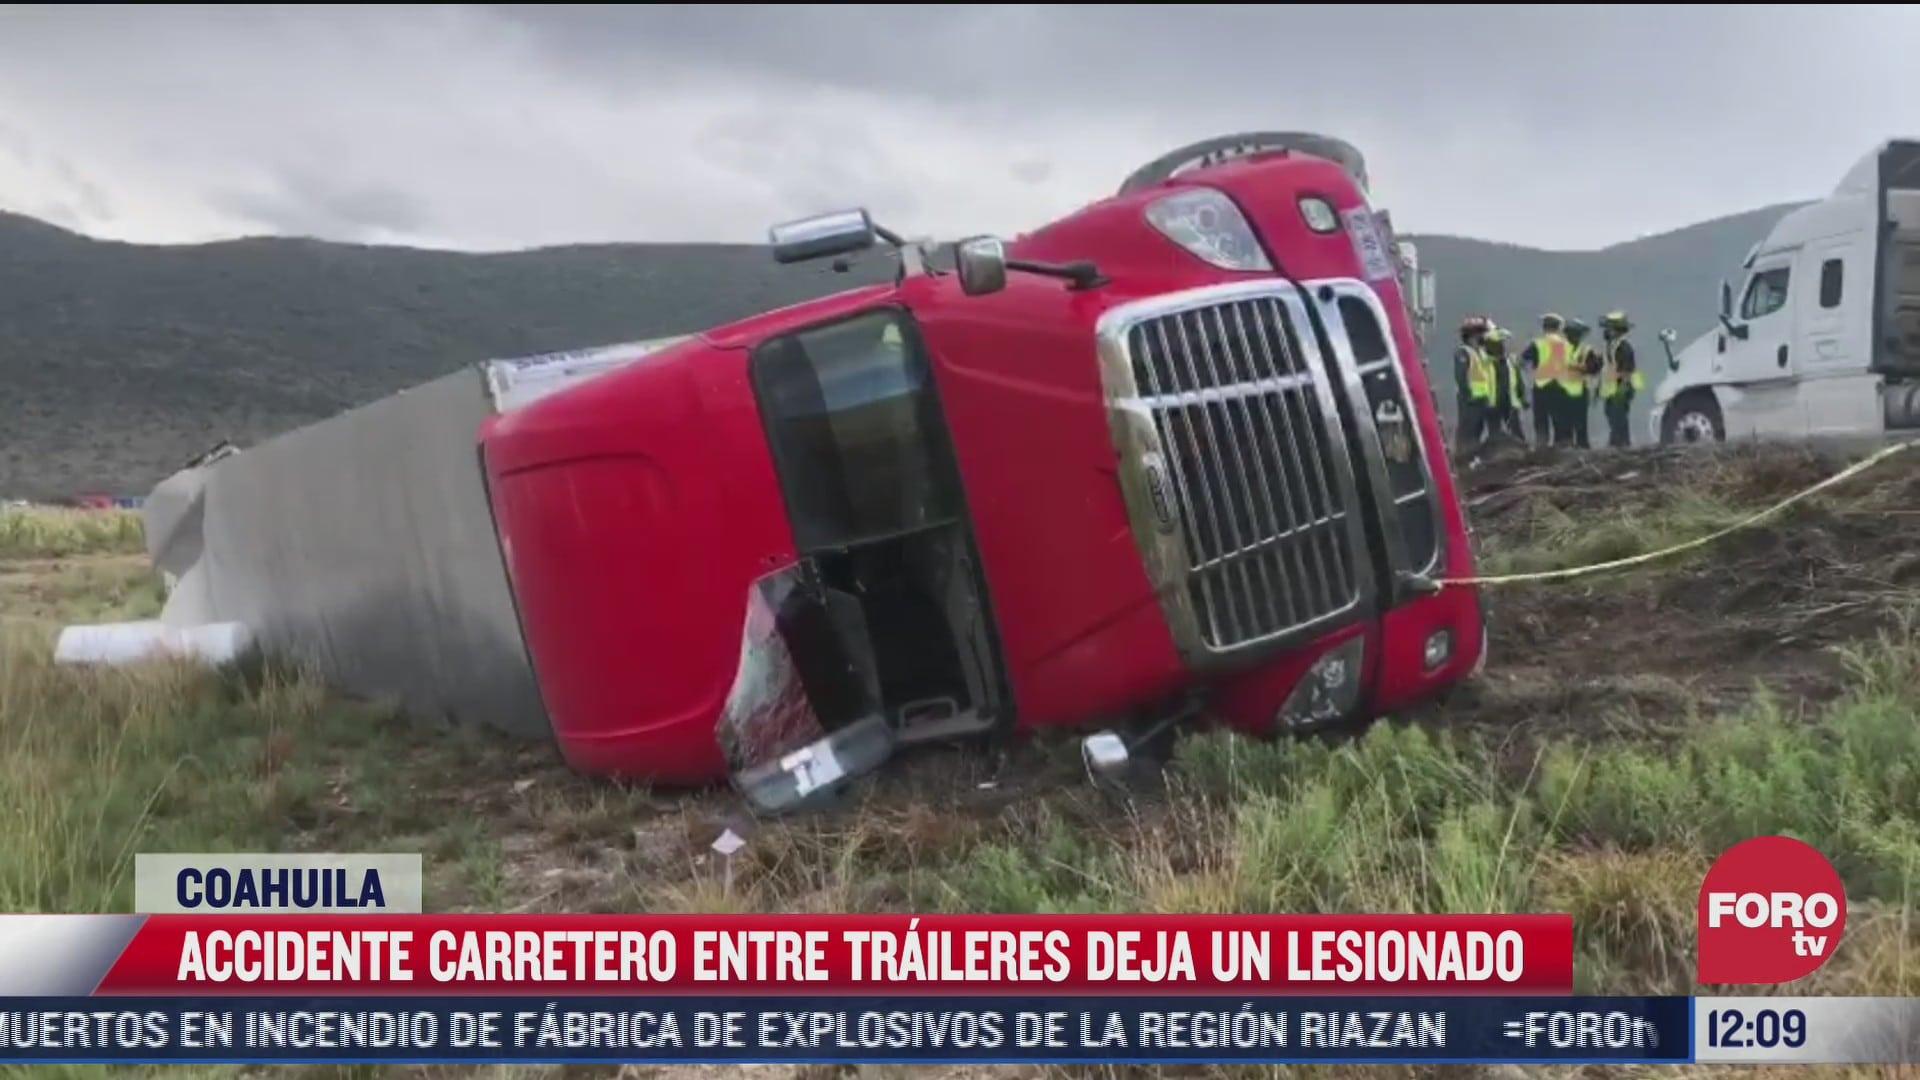 choque de traileres provoca bloqueo en carretera de coahuila